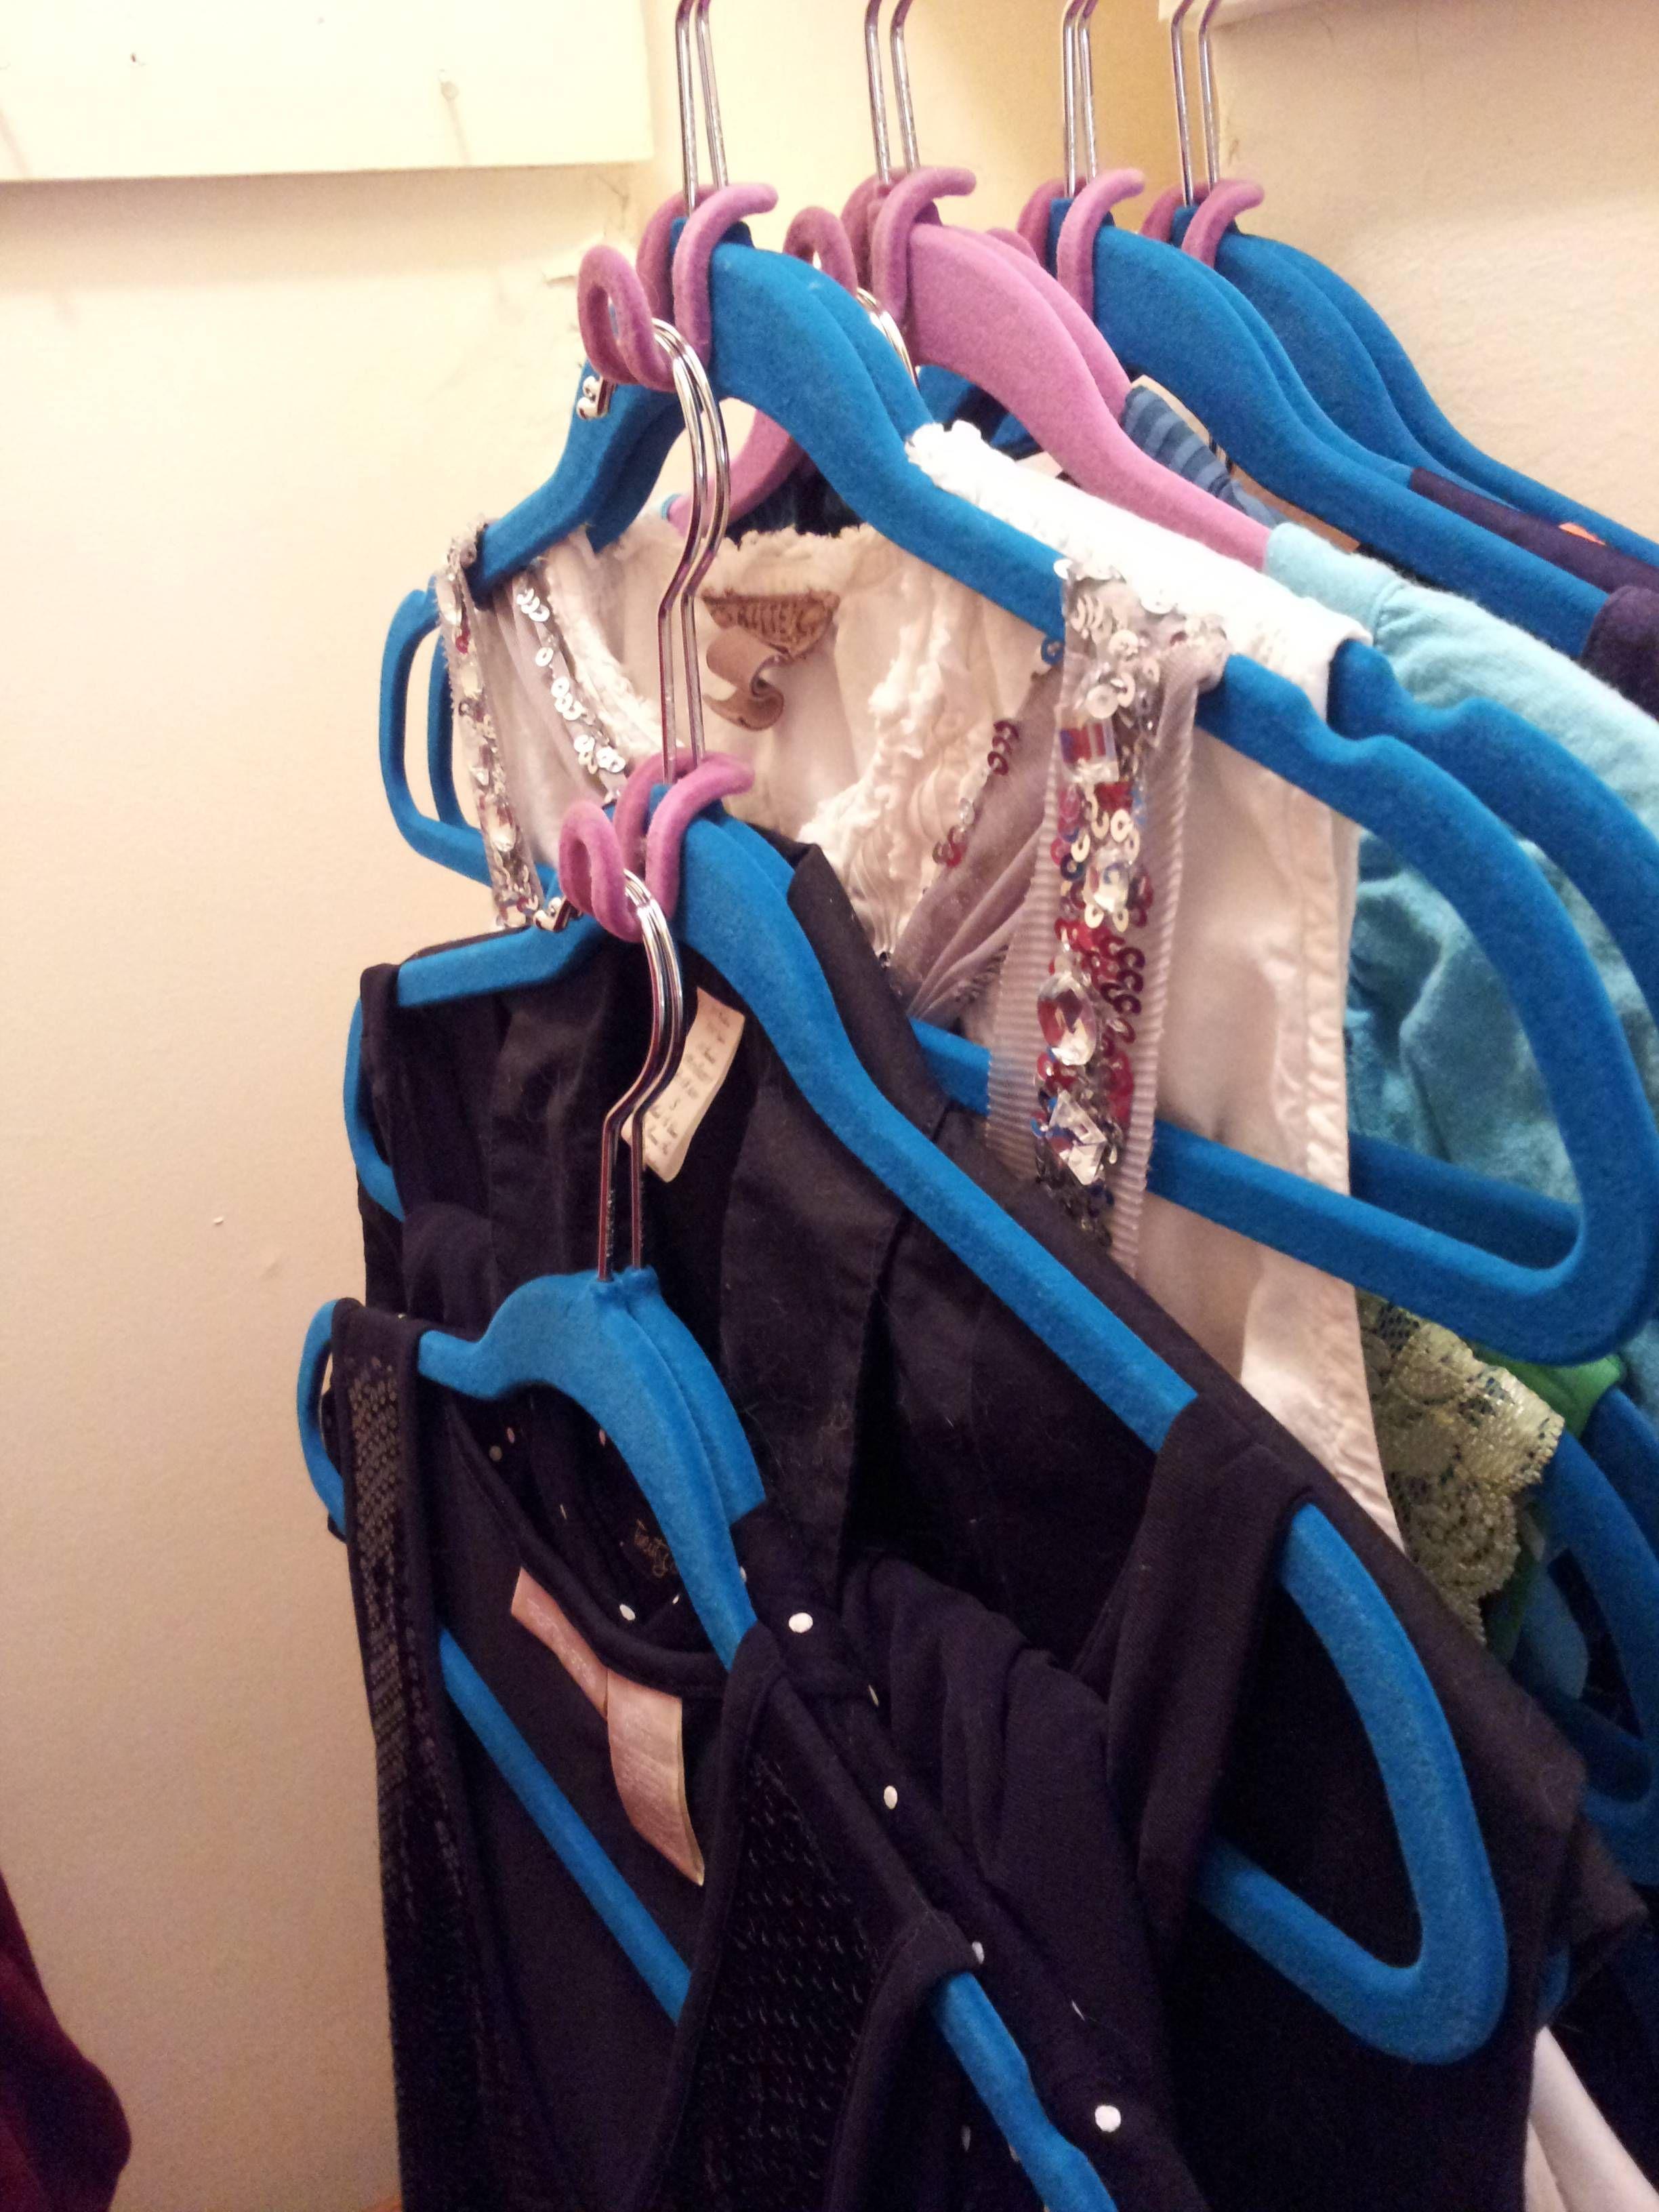 Cascading Hooks Http://www.hsn .com/products/huggable Hangers 20pk Cascading Mini Hooks/6580911